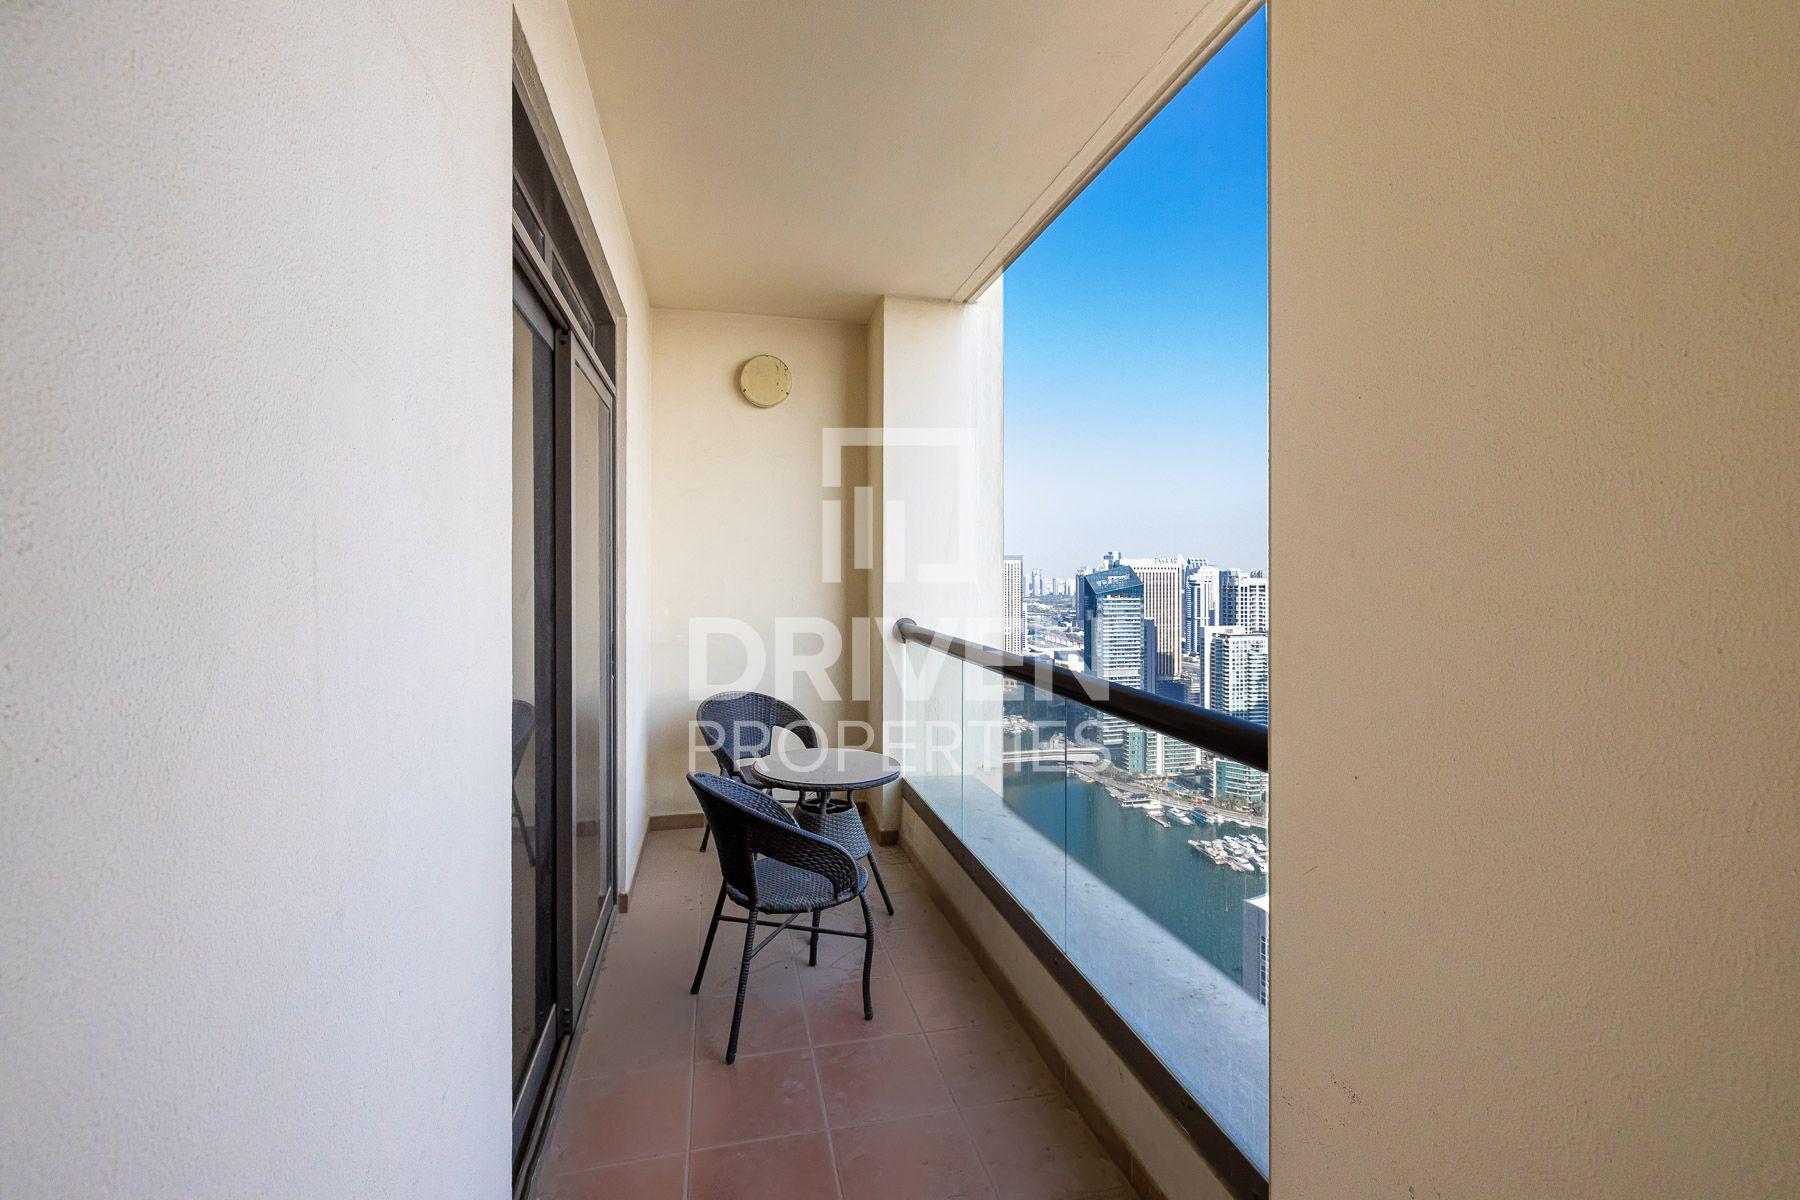 للايجار - شقة - أمواج 4 - مساكن شاطئ الجميرا